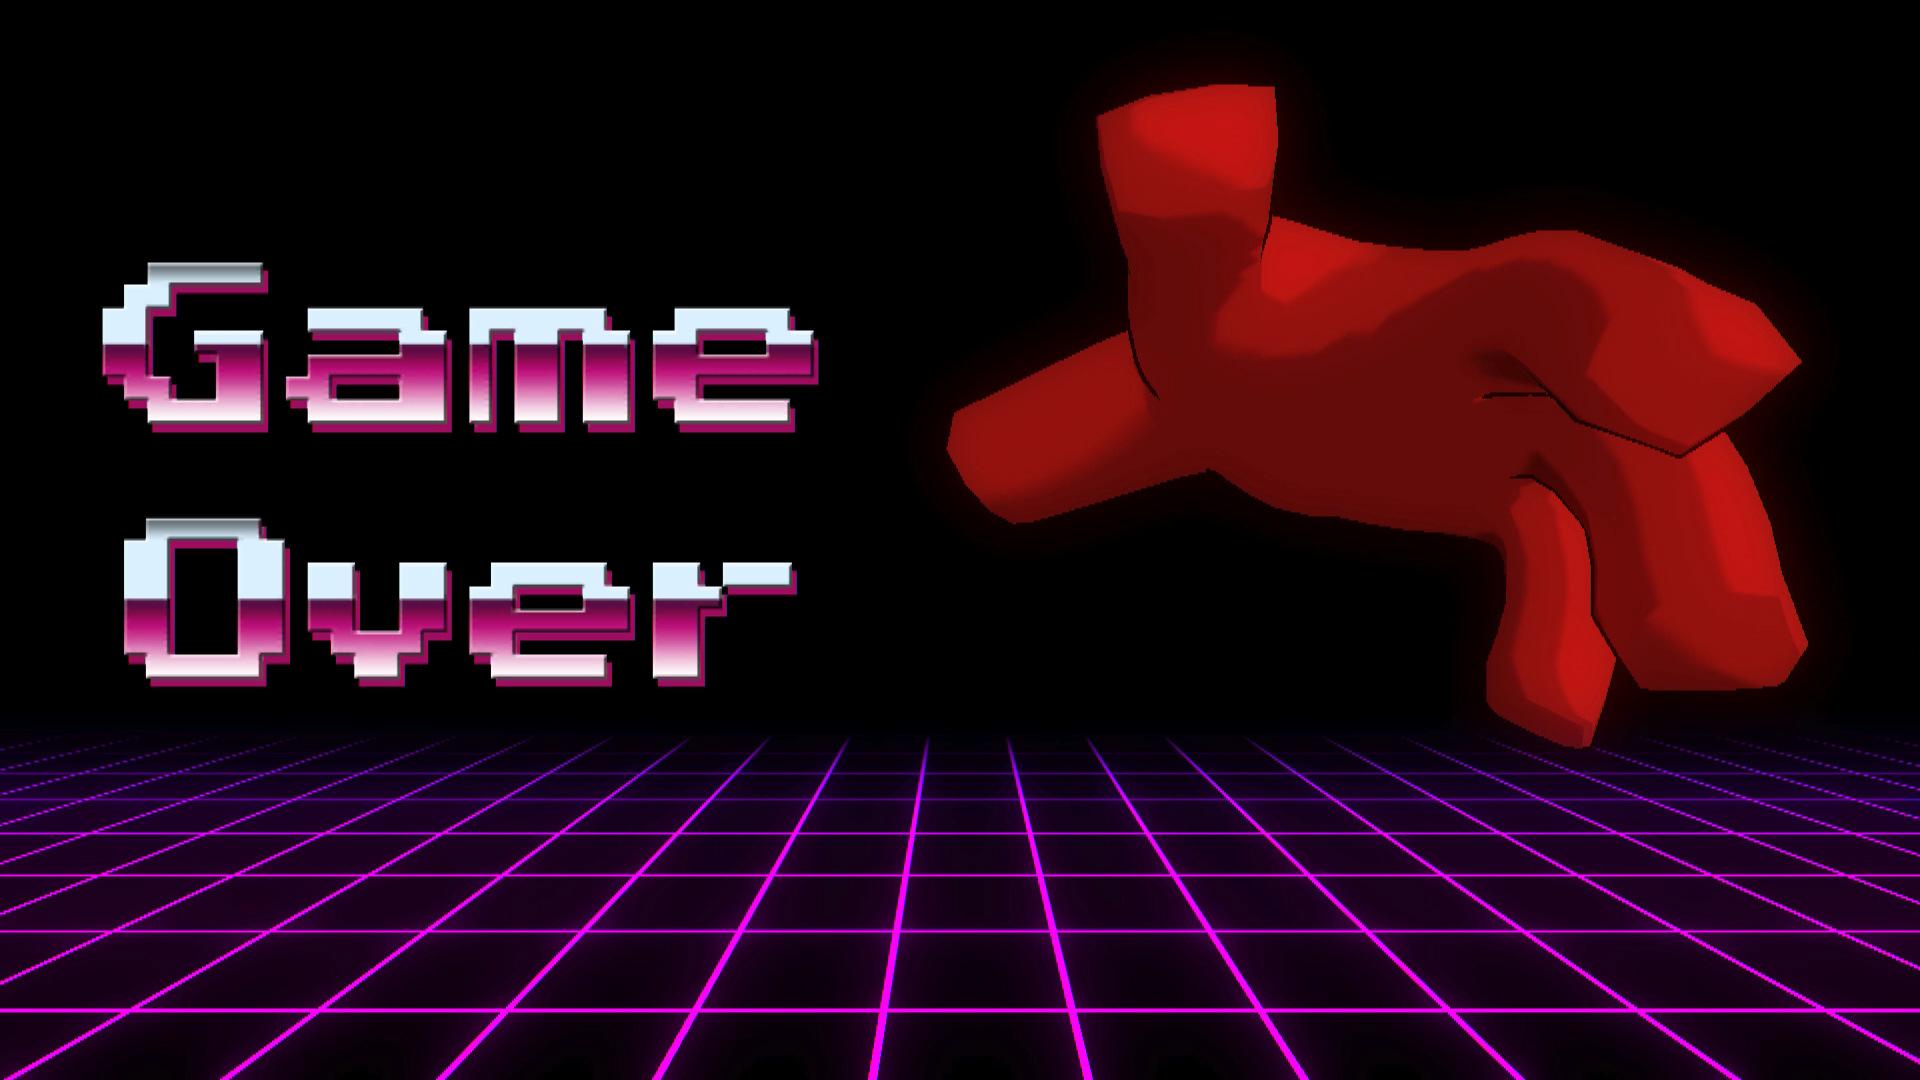 gameover-screen.jpg